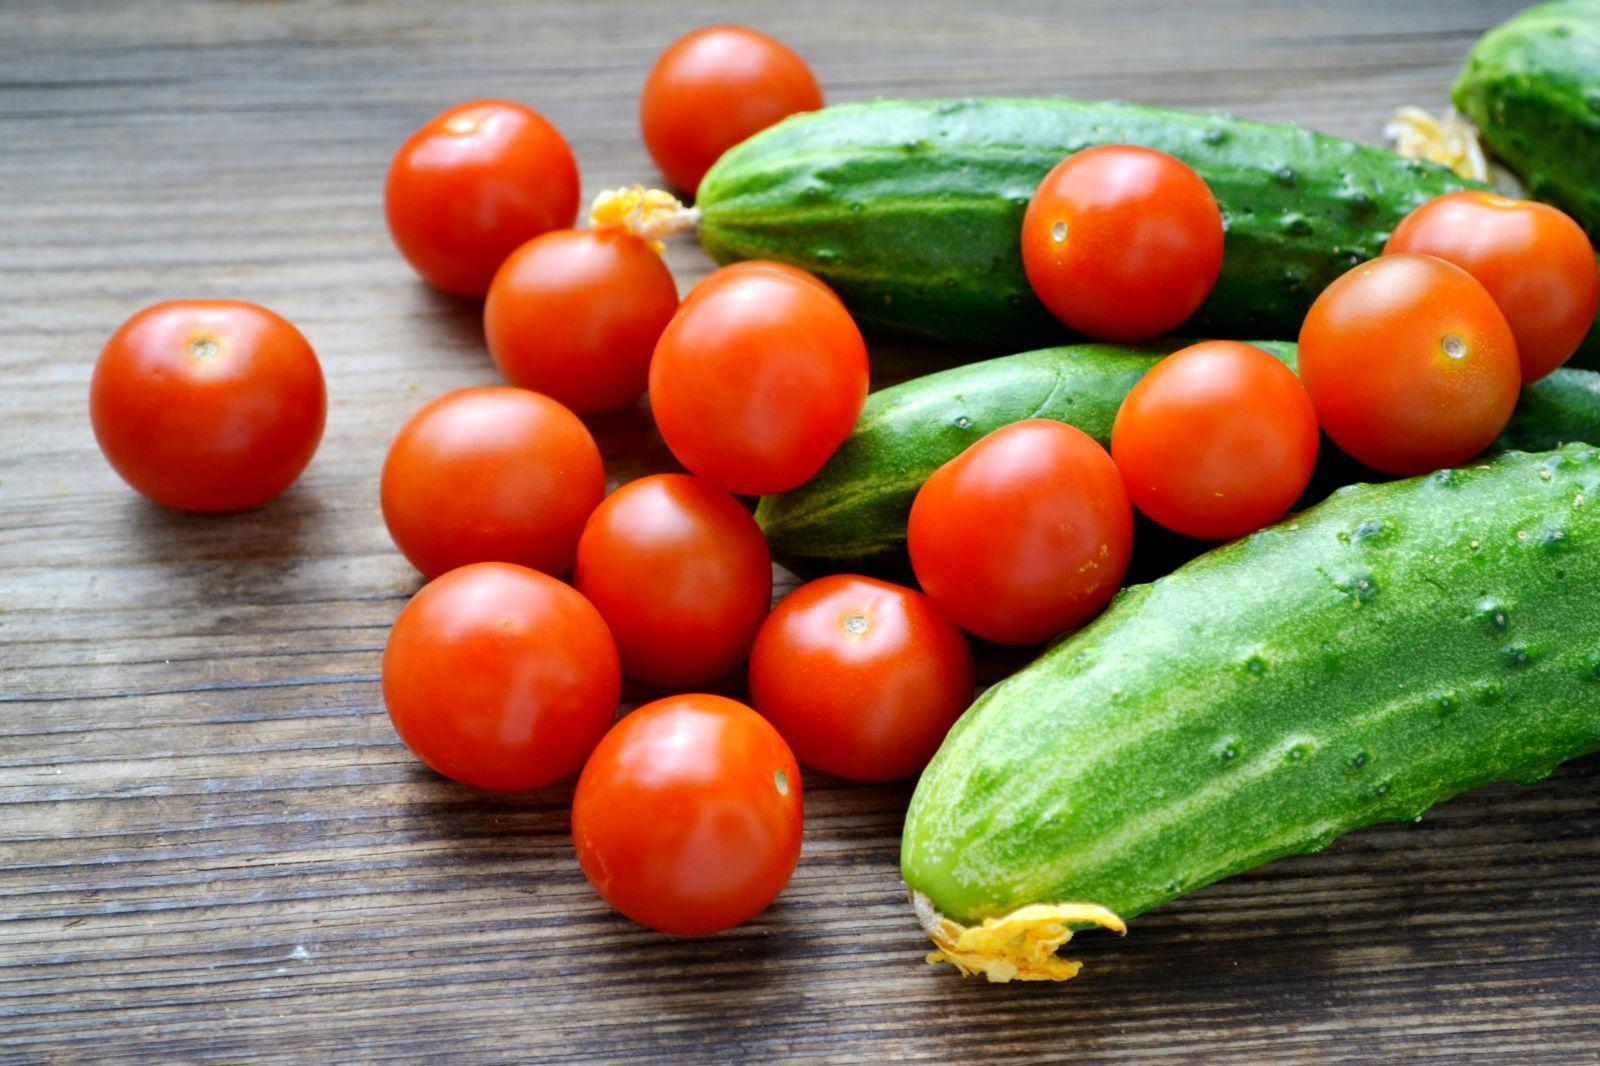 У луцькі дитсадки та табір закуплять овочів та фруктів на понад два мільйони гривень